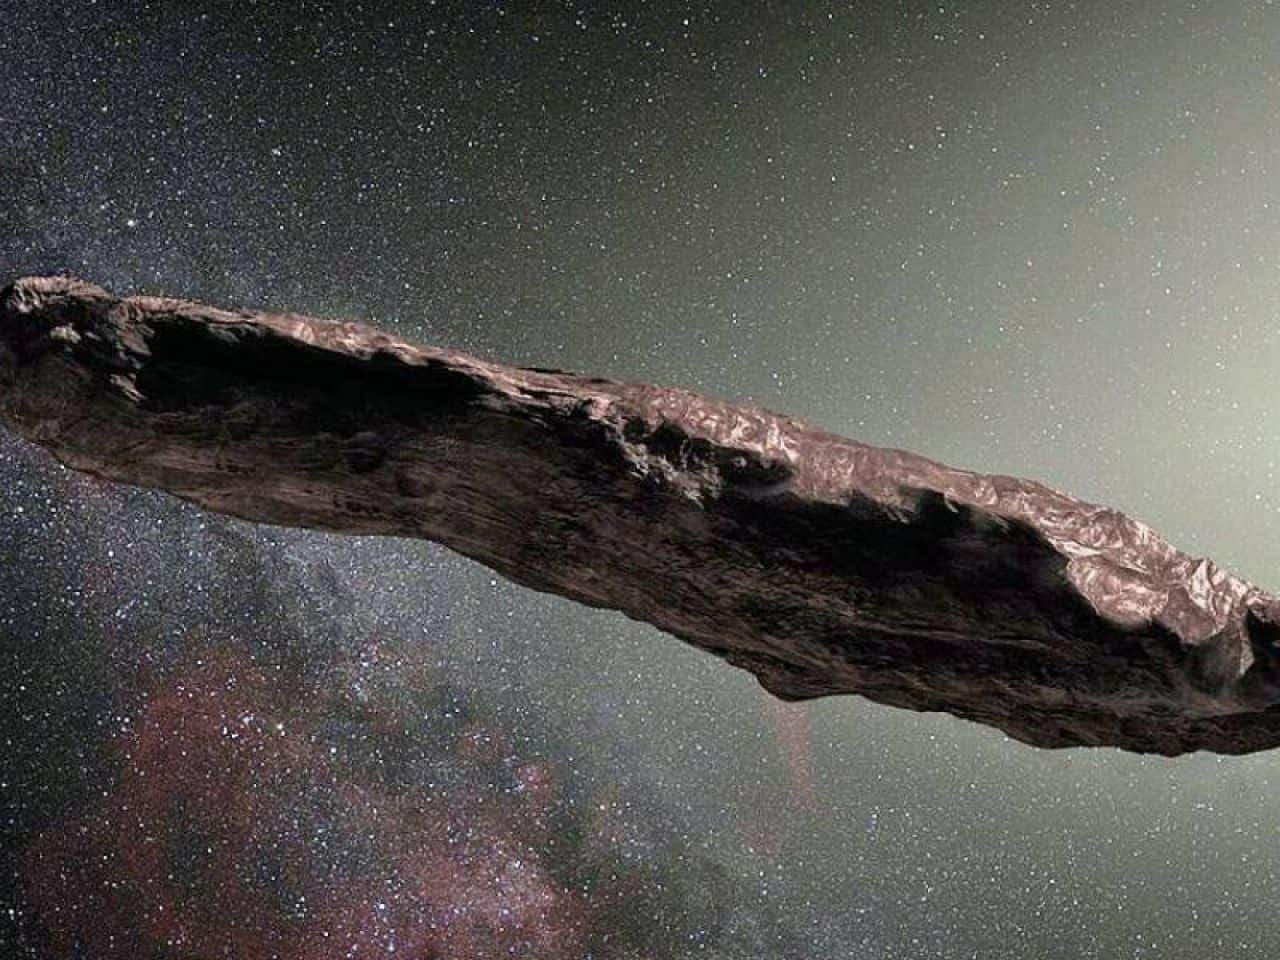 asteroide anomalo 1 - Nuovi Asteroidi giganti. NASA, dobbiamo prevenire impatti sulla Terra